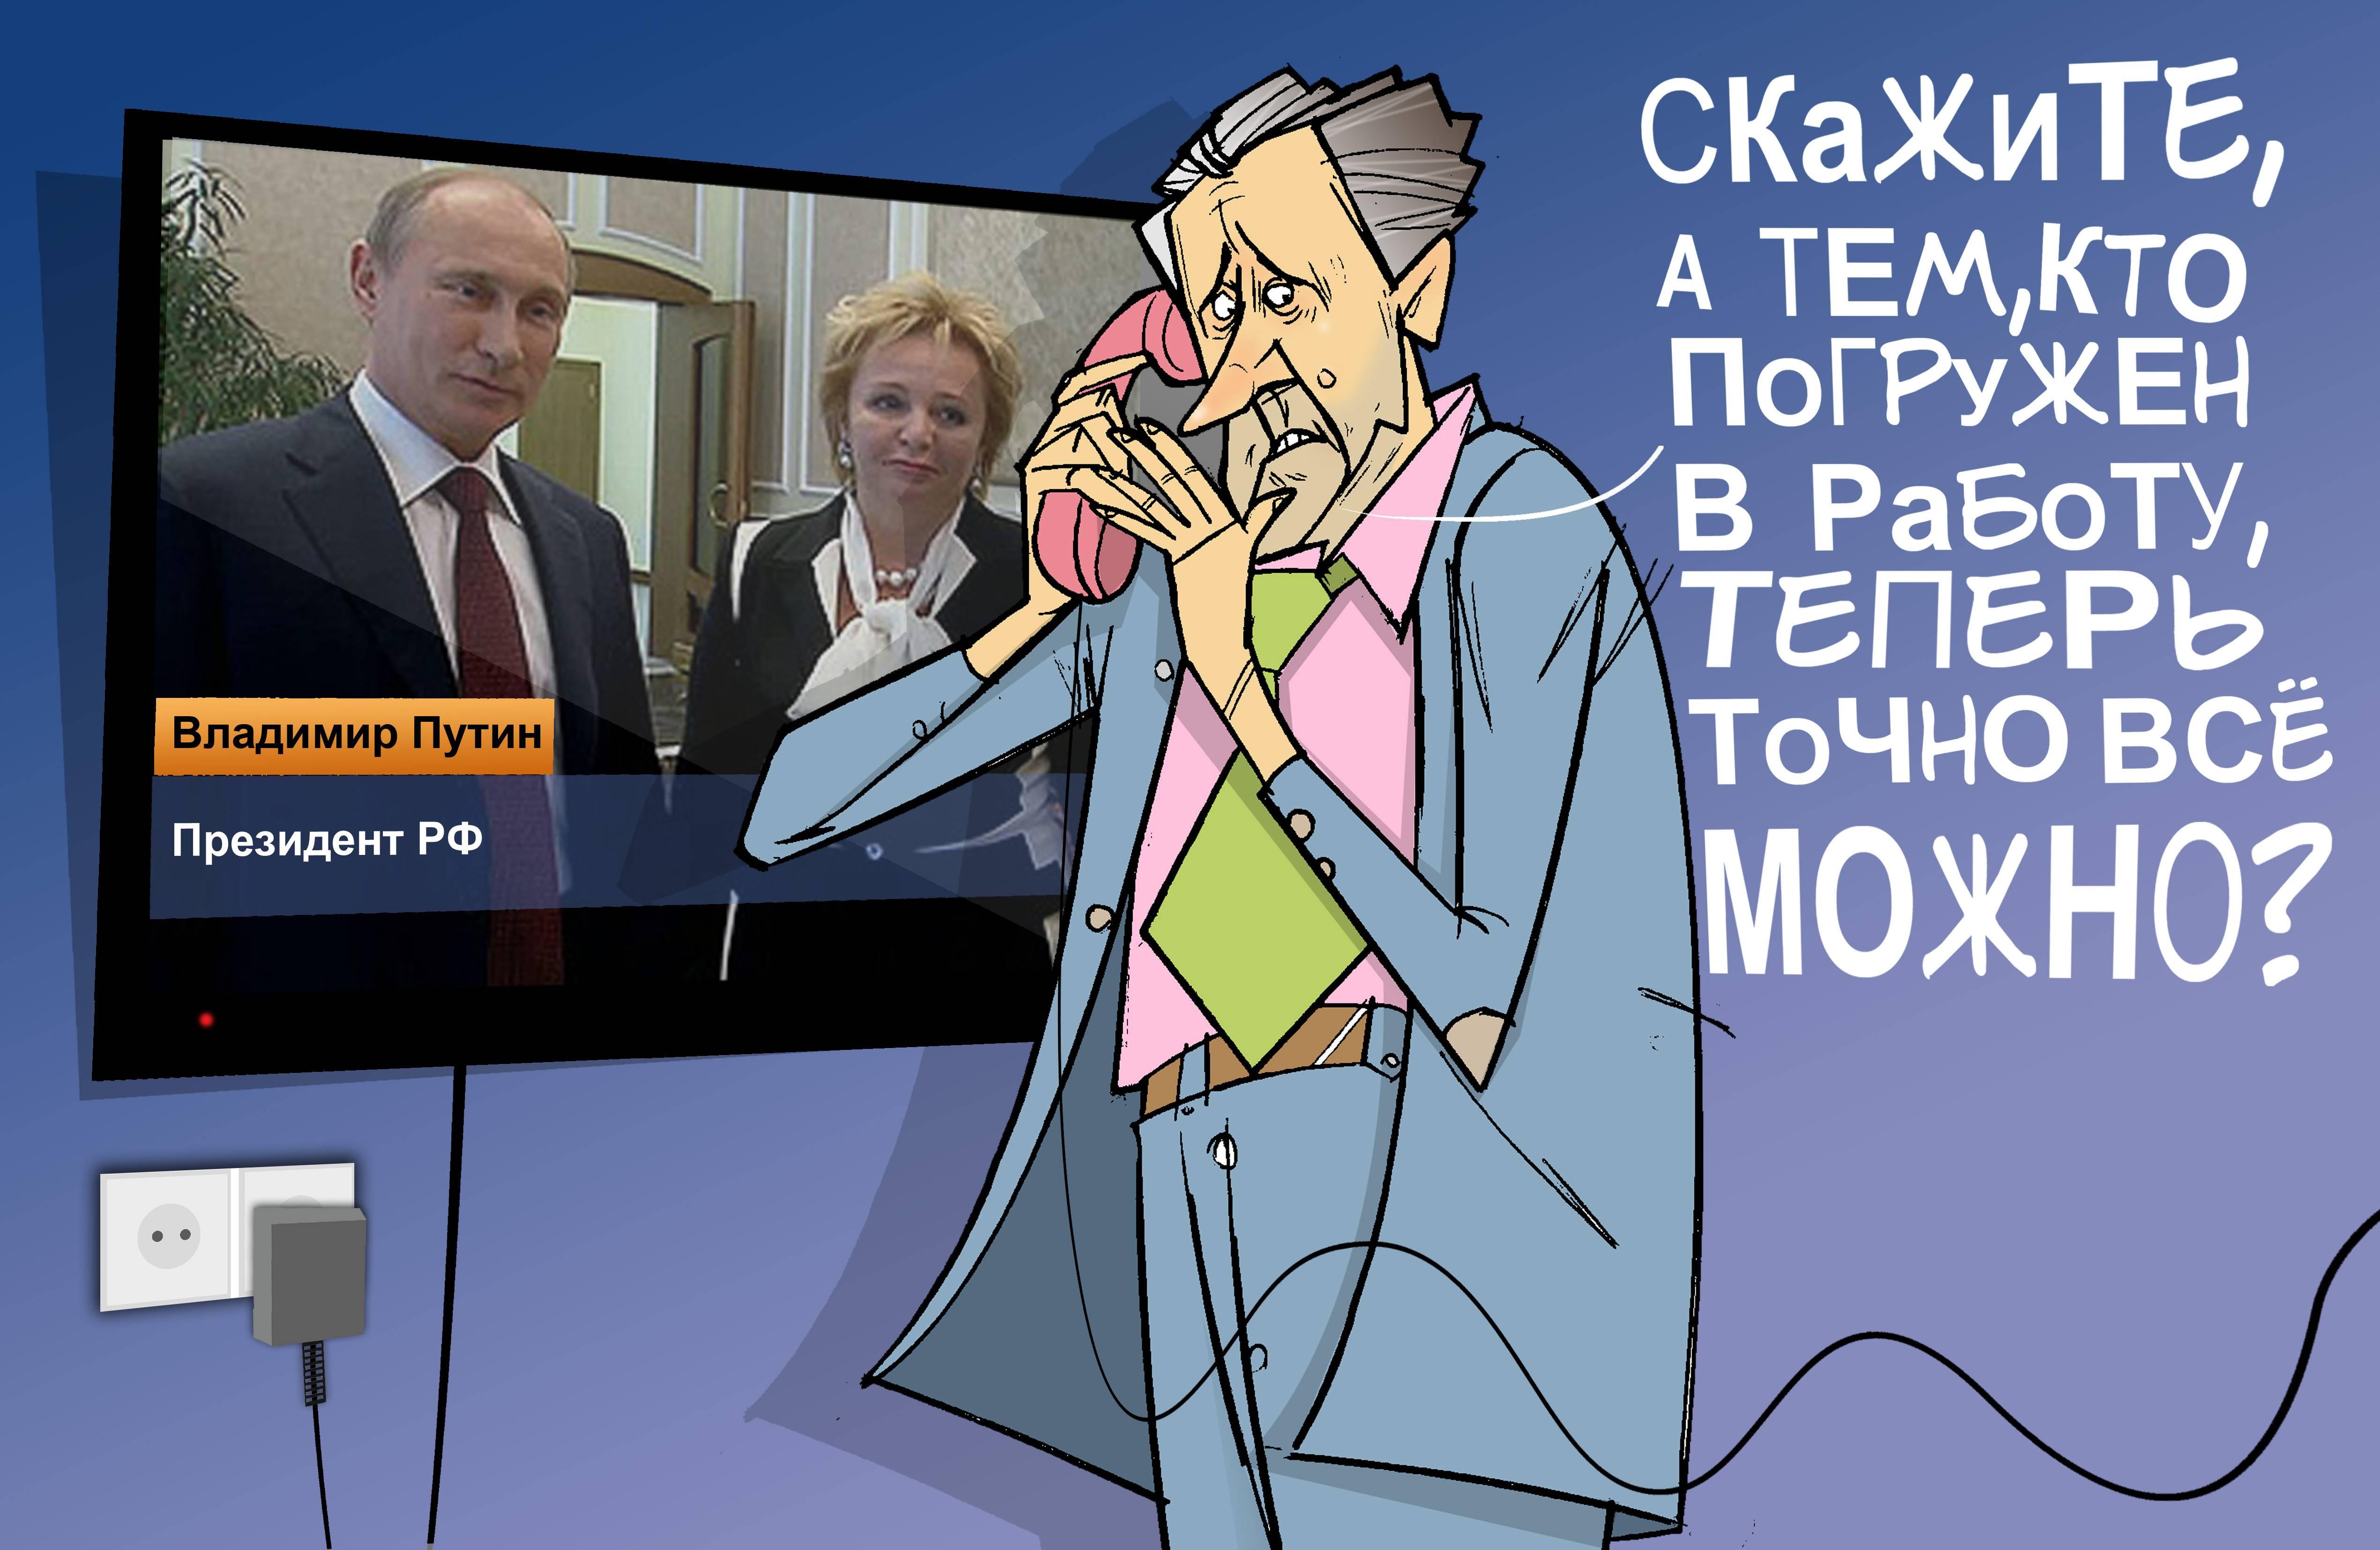 """Погруженный в работу. #Путин #ПрезидентУР #Волков © Газета """"День"""" 2013"""